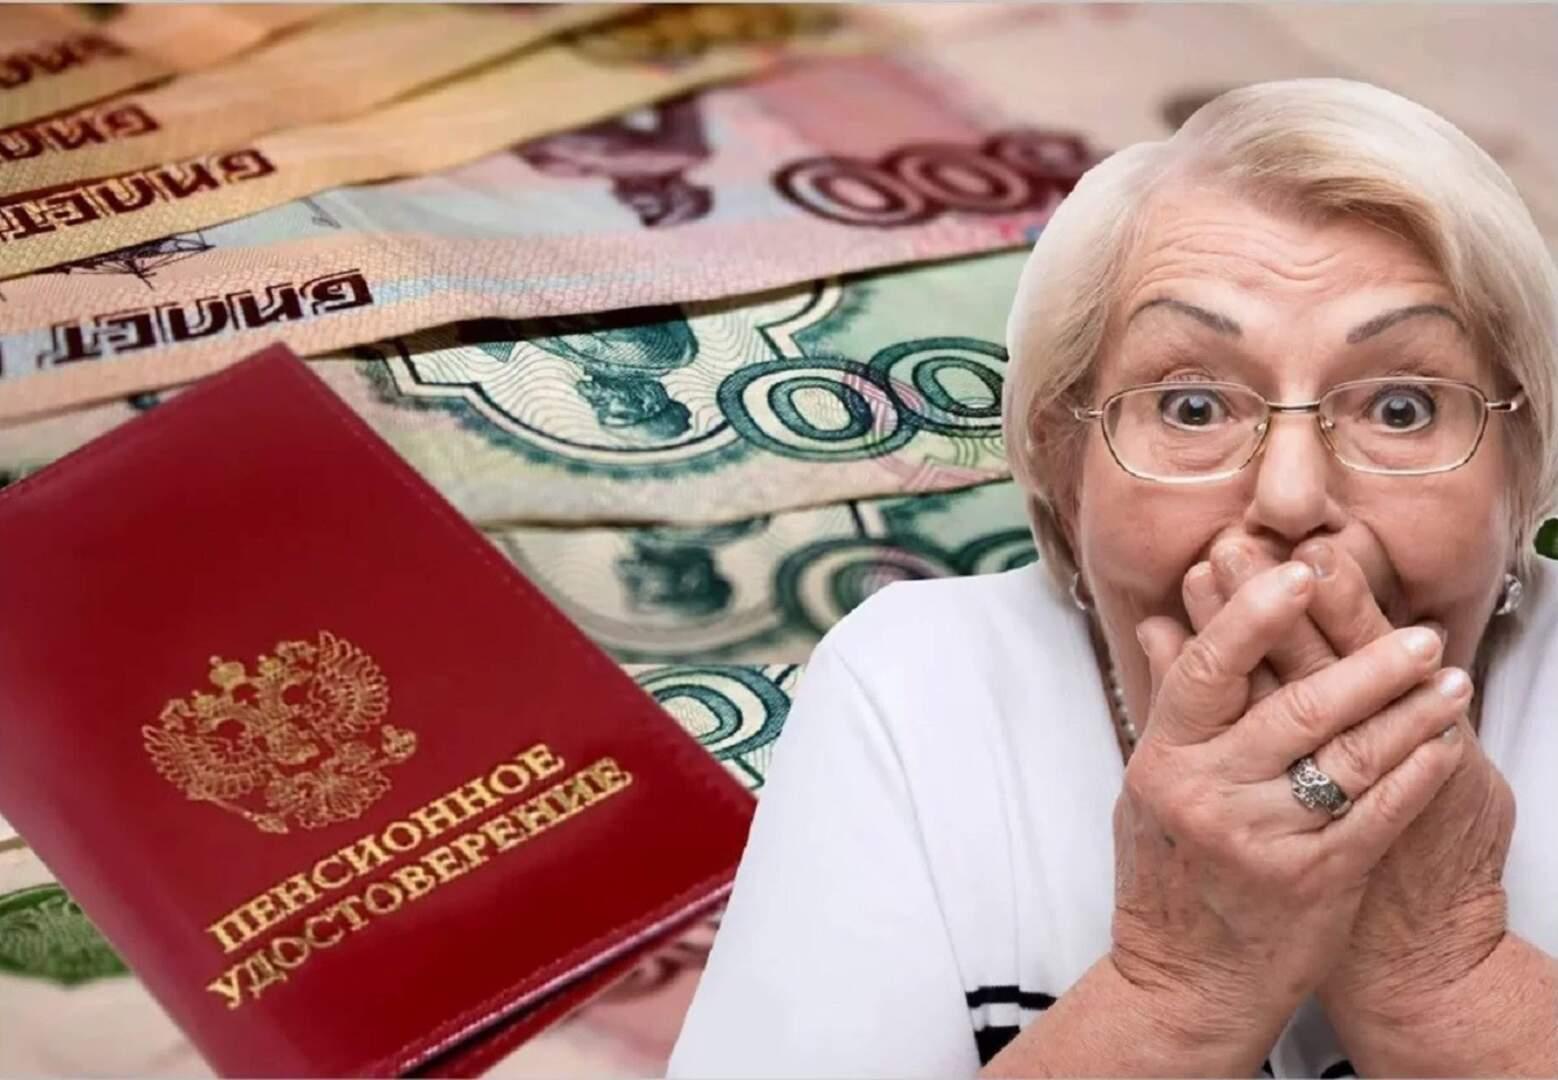 Не 10 000 рублей, а больше. Пенсионерам готовят новую разовую выплату